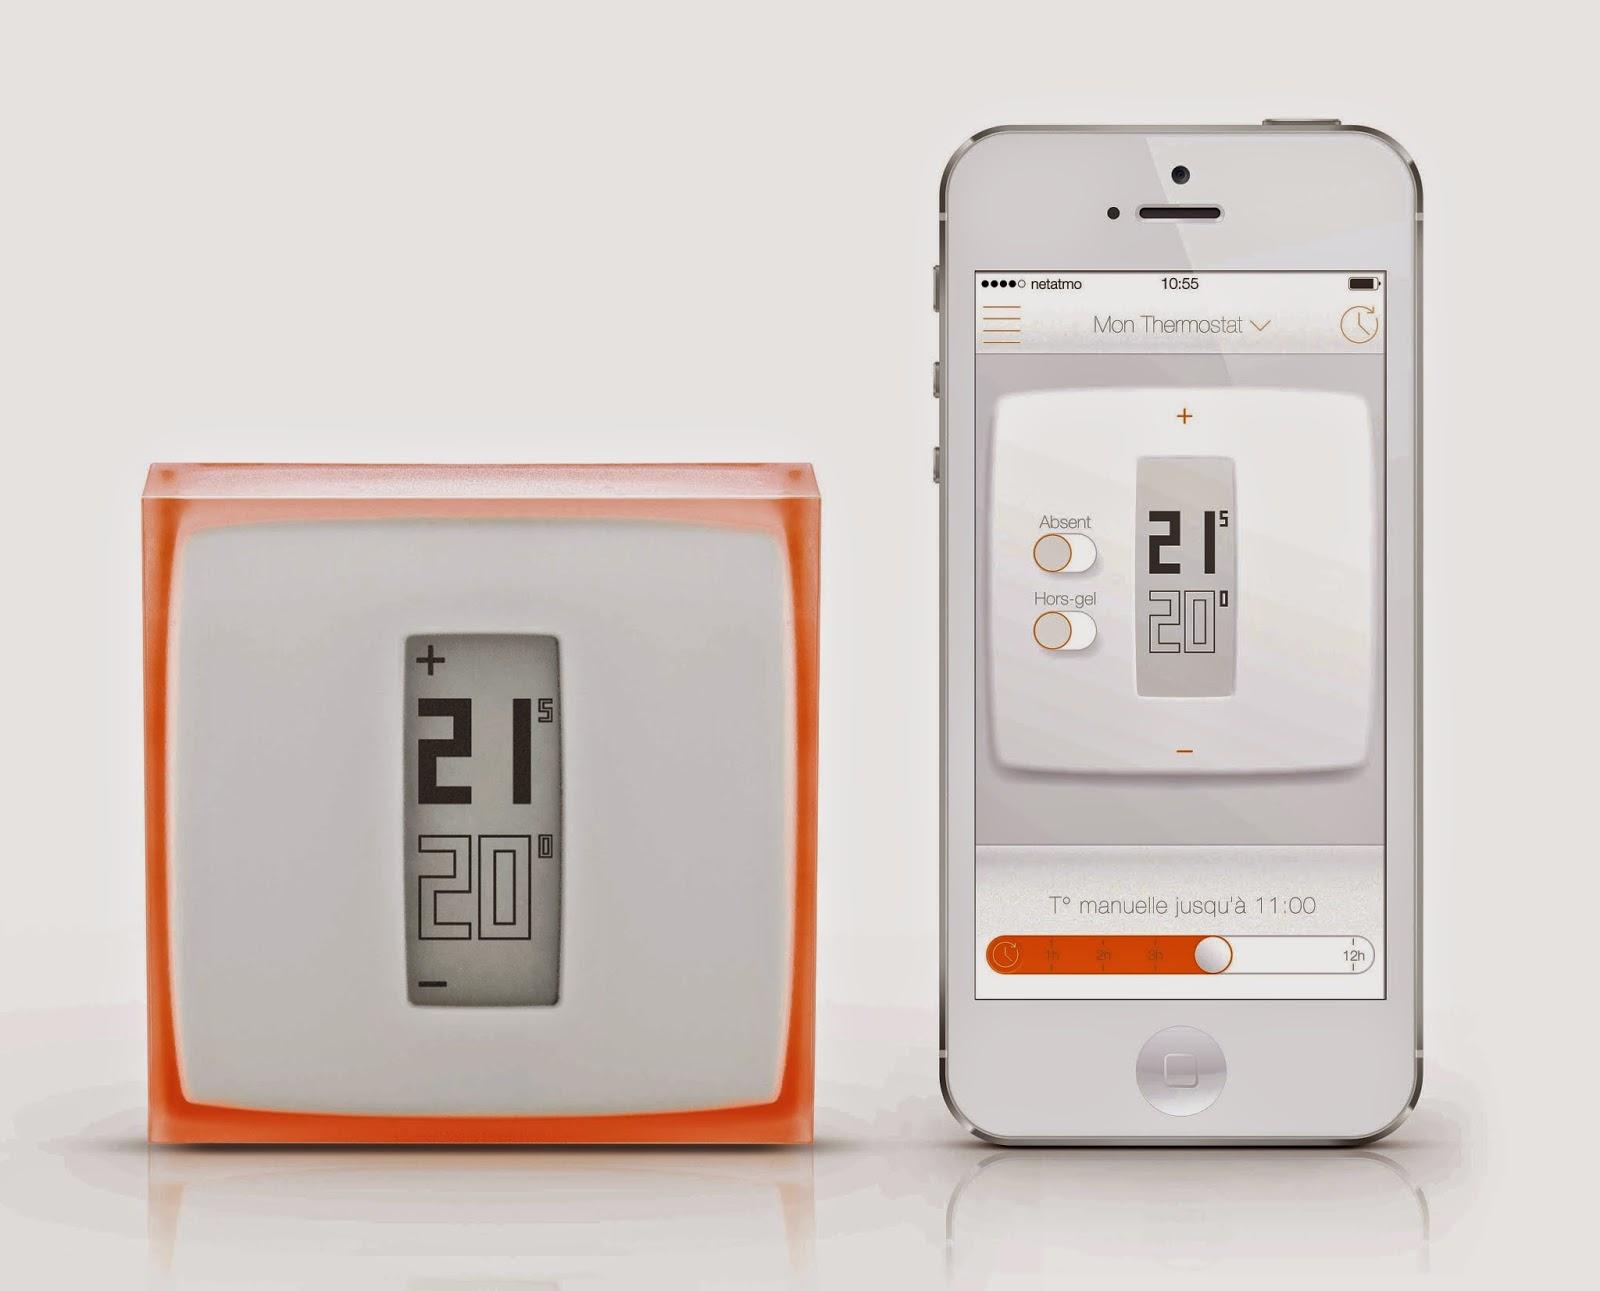 Comprar cambiar termostato calefaccion compara precios for Precio termostato calefaccion